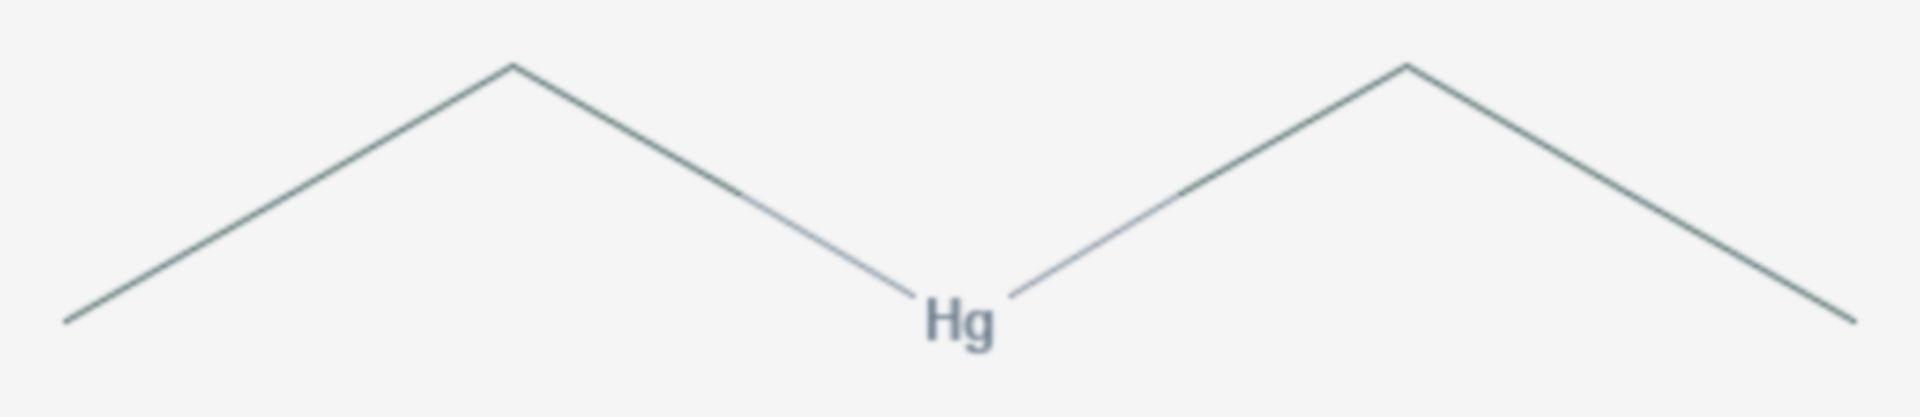 Diethylquecksilber (Strukturformel)